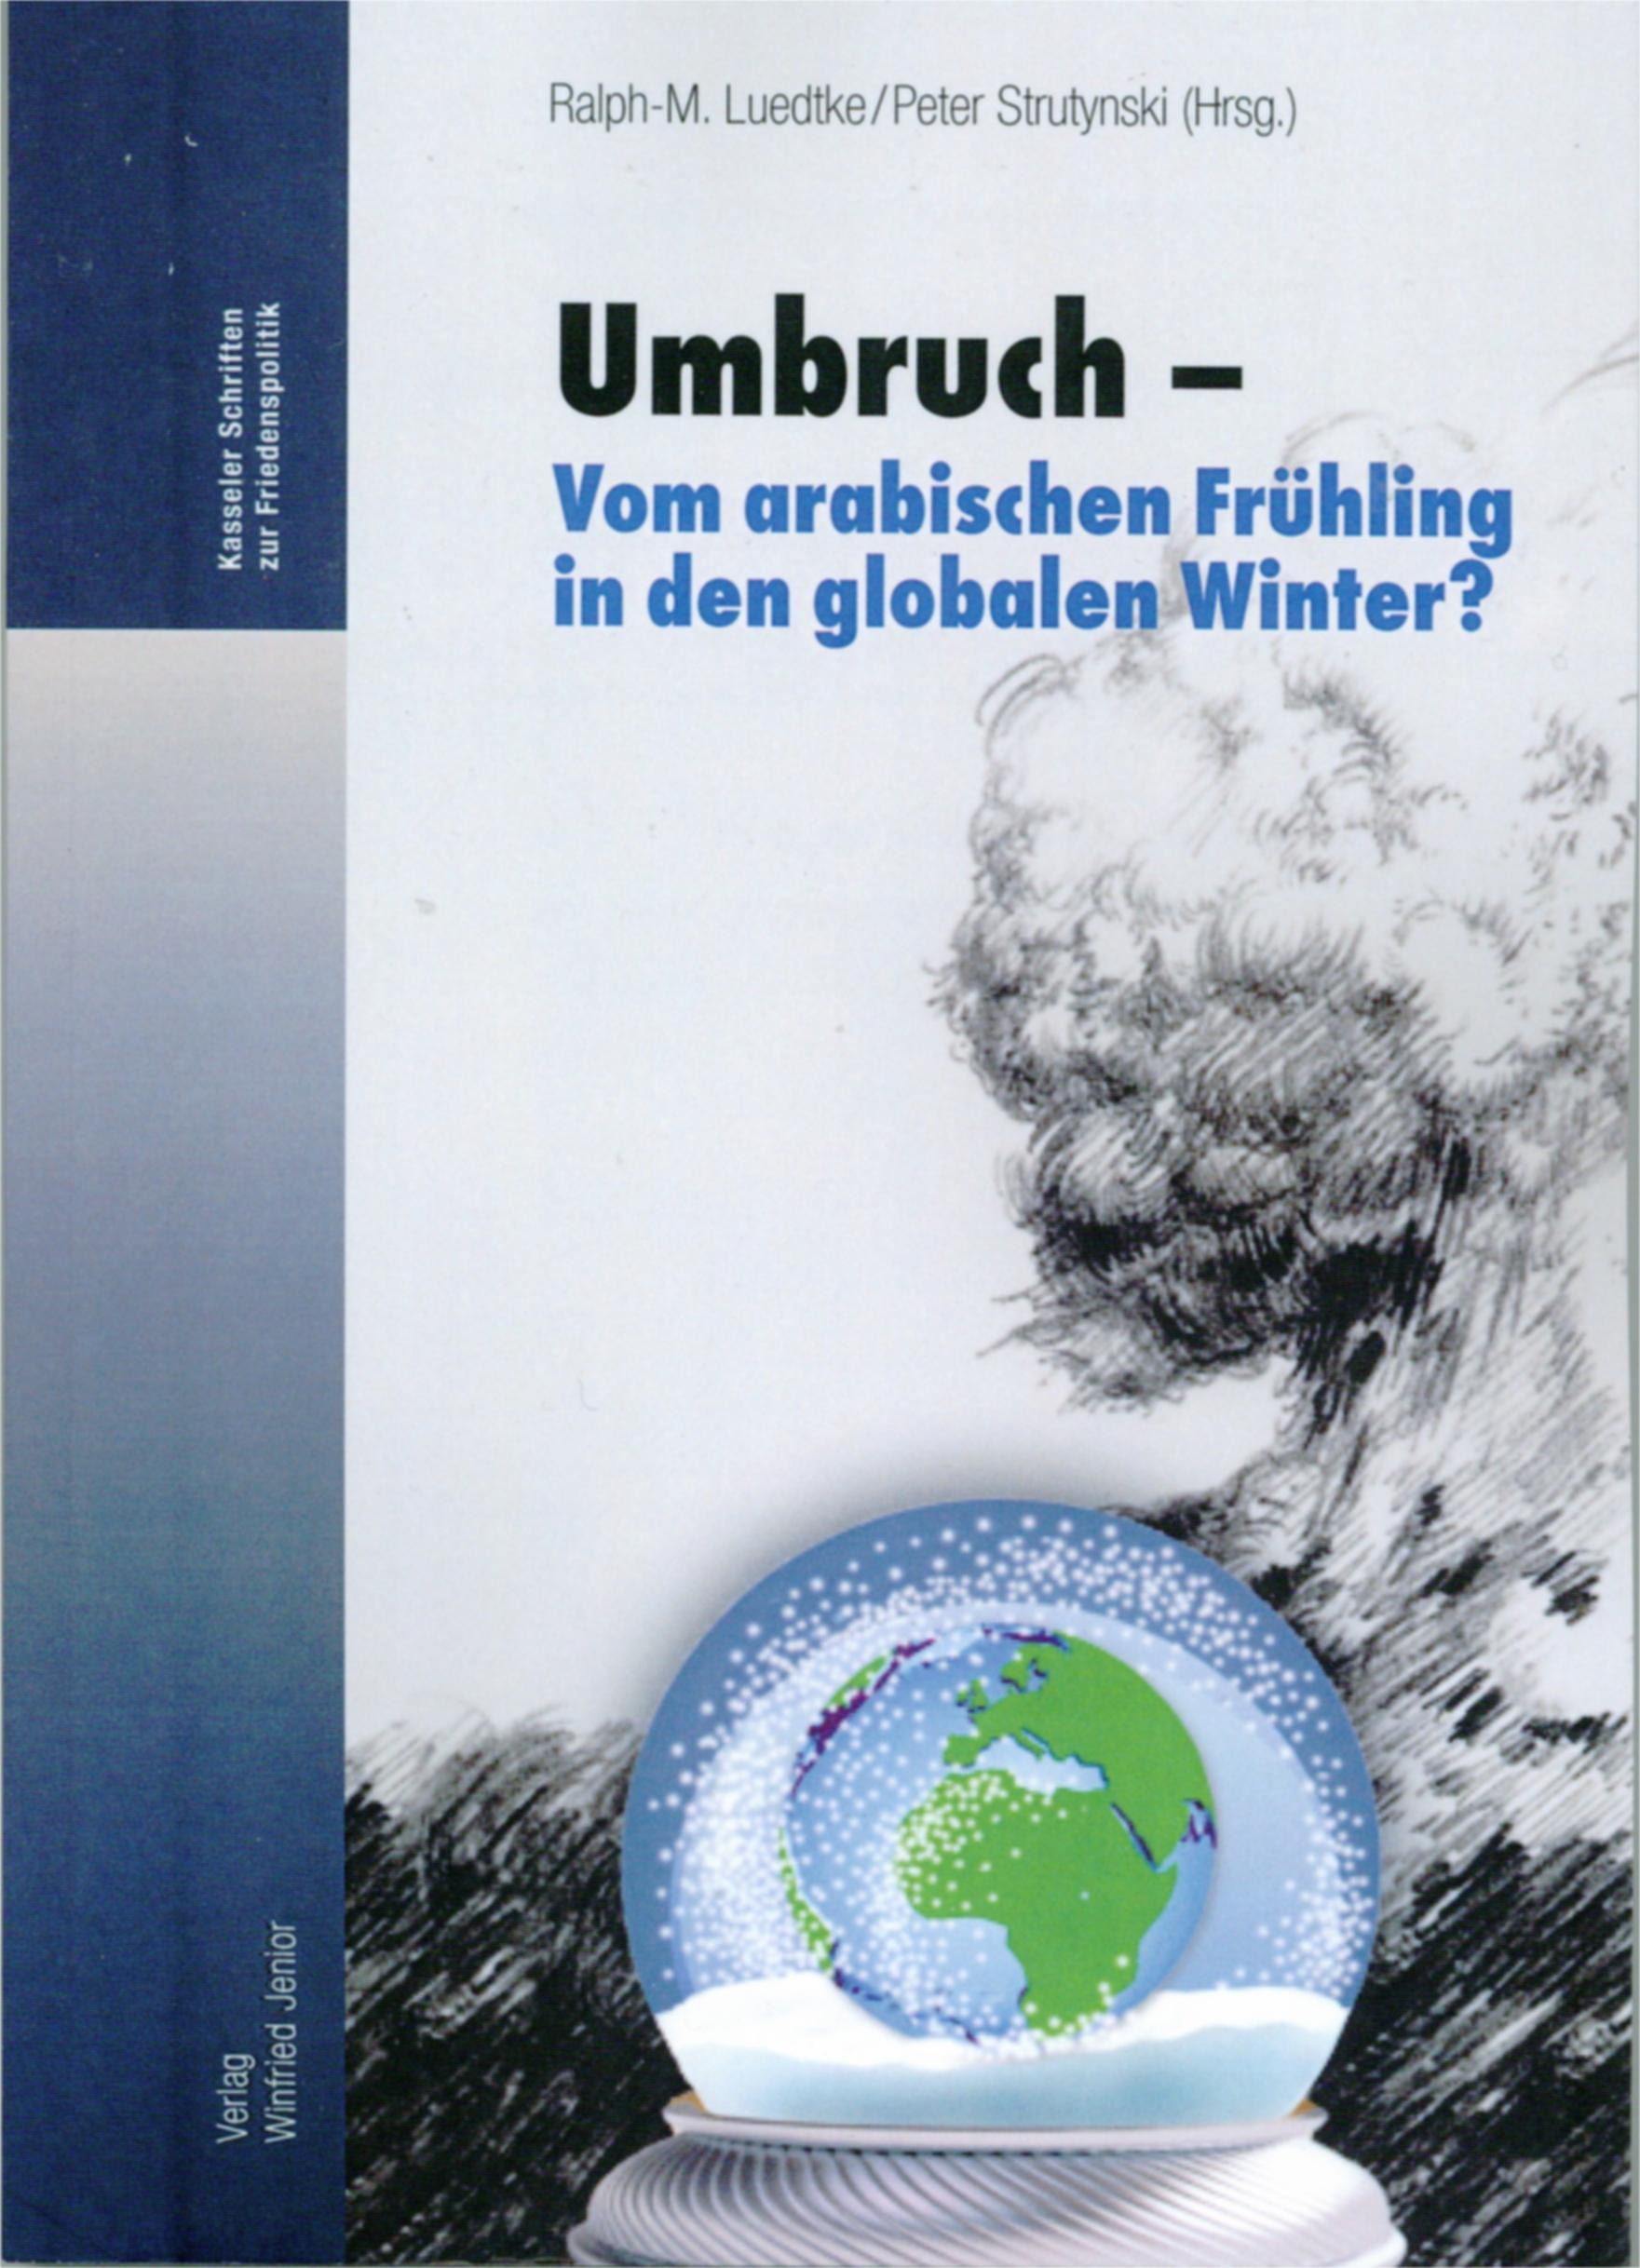 Umbruch - vom arabischen Frühling in den globalen Winter? Book Cover